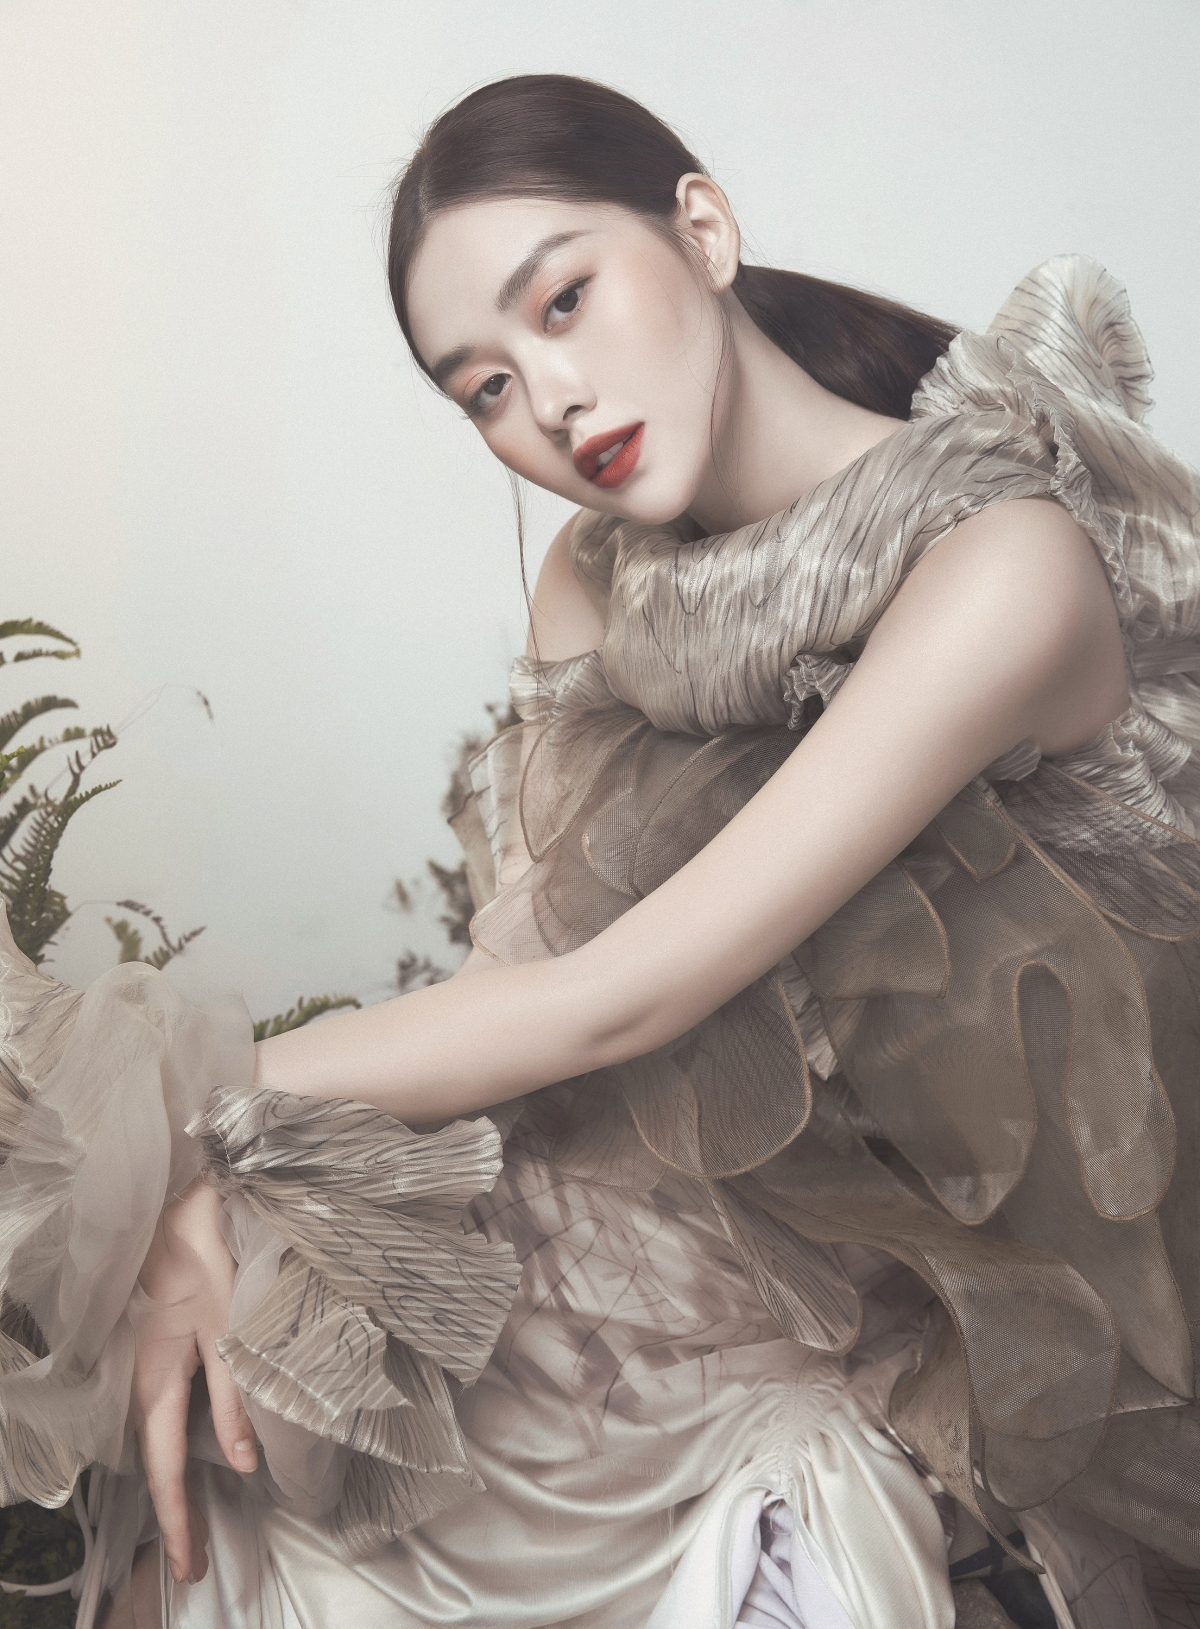 Vốn được biết đến là một người đẹp có vóc dáng mượt mà, Tường San như được phát huy hết thế mạnh của mình khi diện những thiết kế đầm dài kèm chất liệu mềm mại, tự tin tạo những kiểu dáng độc đáo.